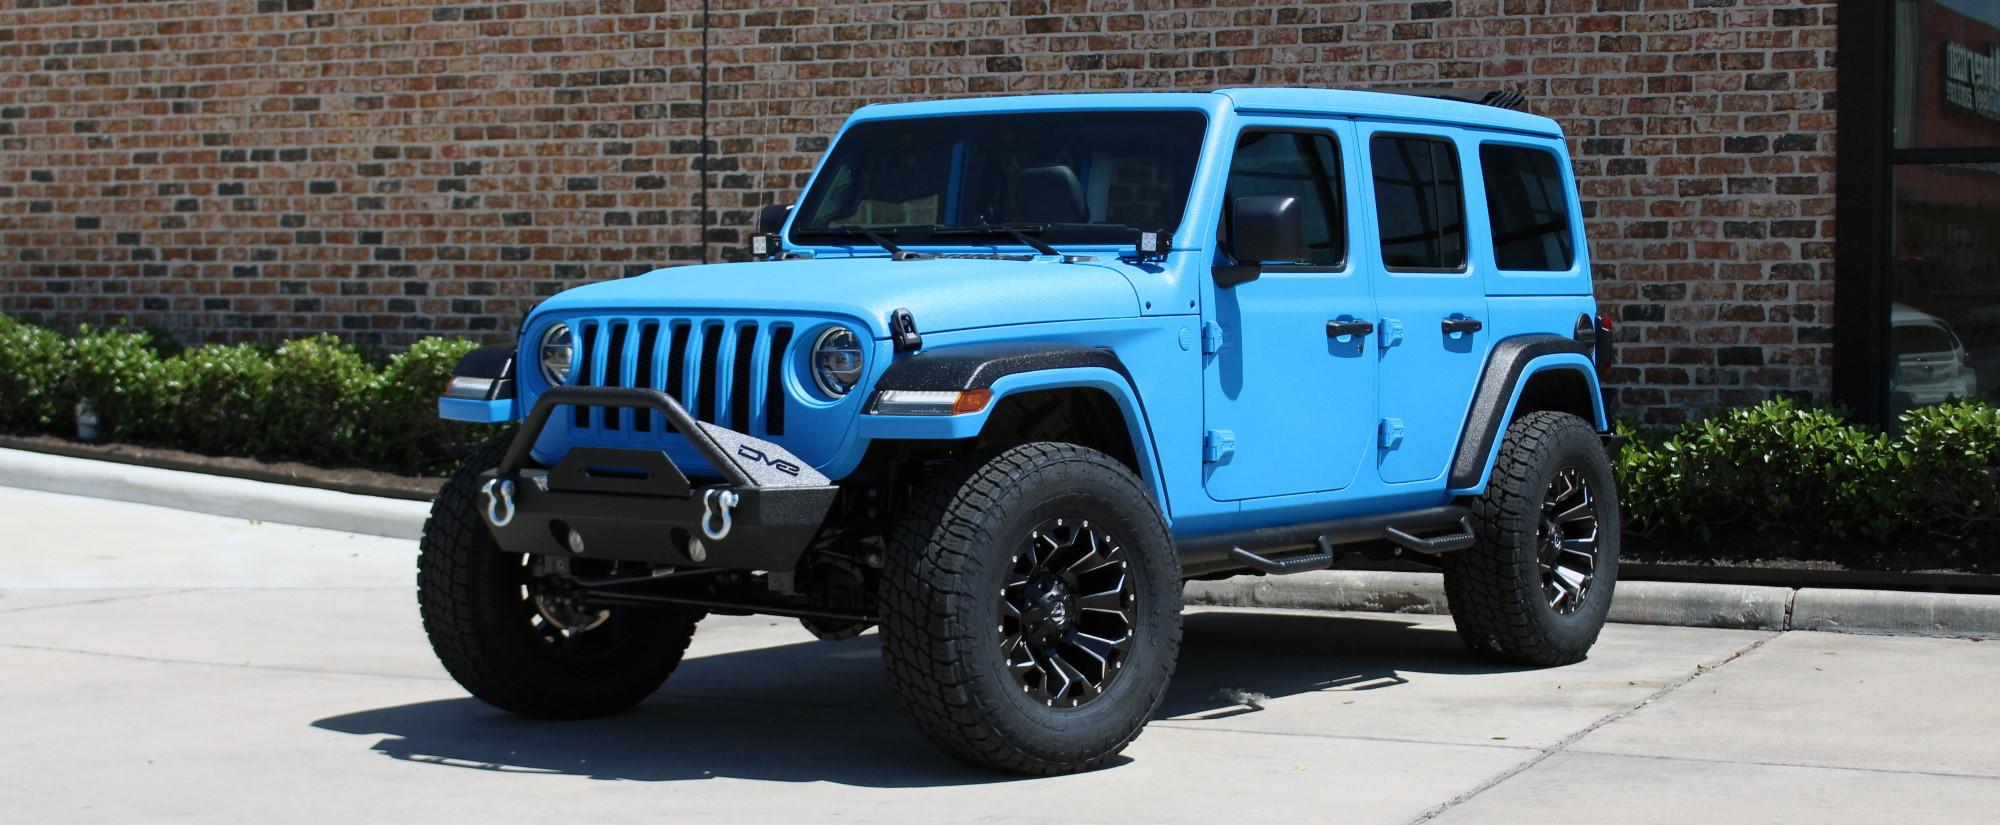 2019 jeep wrangler unlimited jl grabber blue kevlar